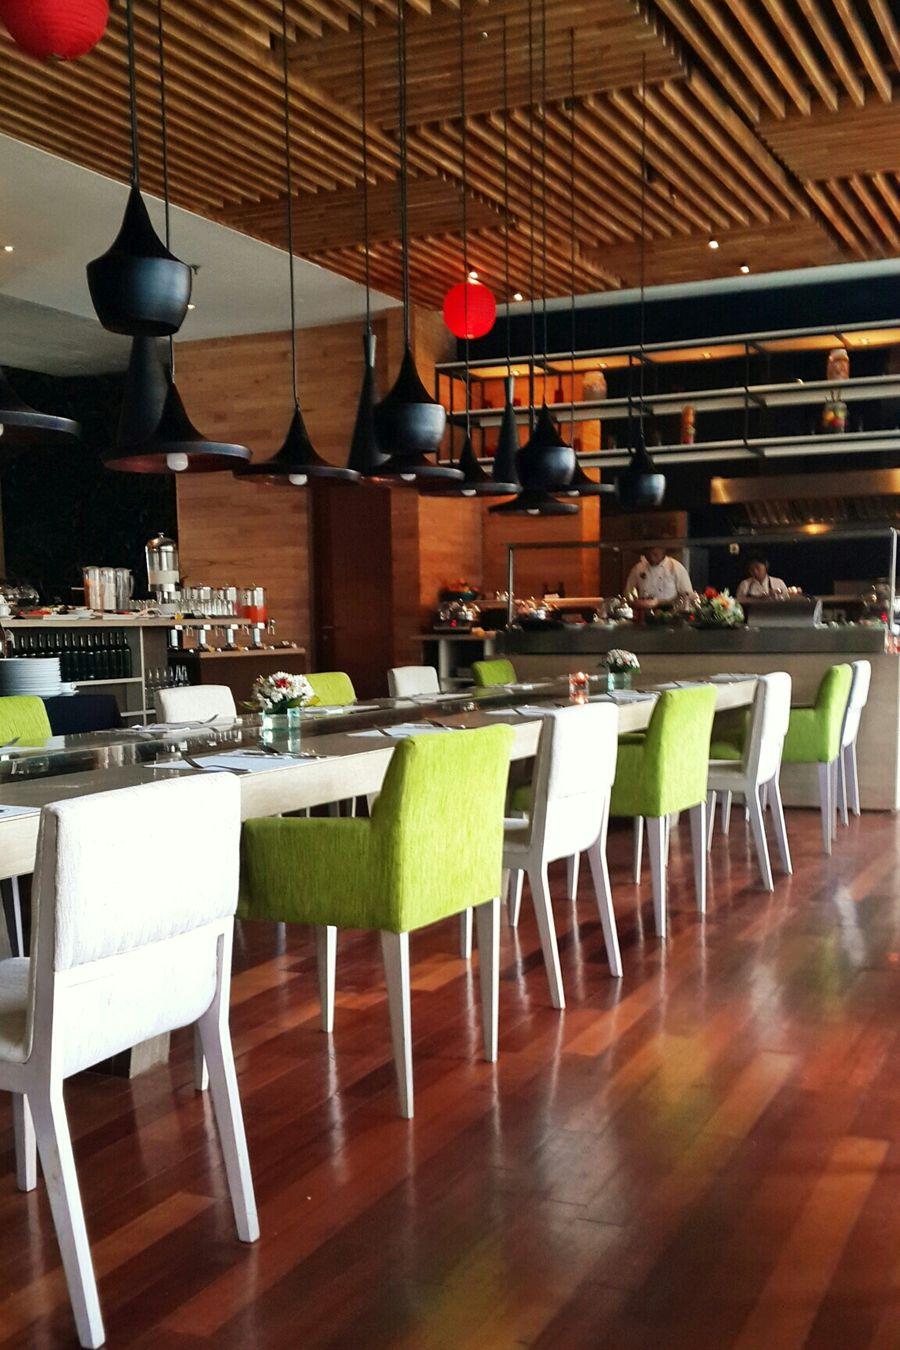 Cozy Interior Design Nice Atmosphere At The Hotel Nice Atmosphere Seminyak Bali